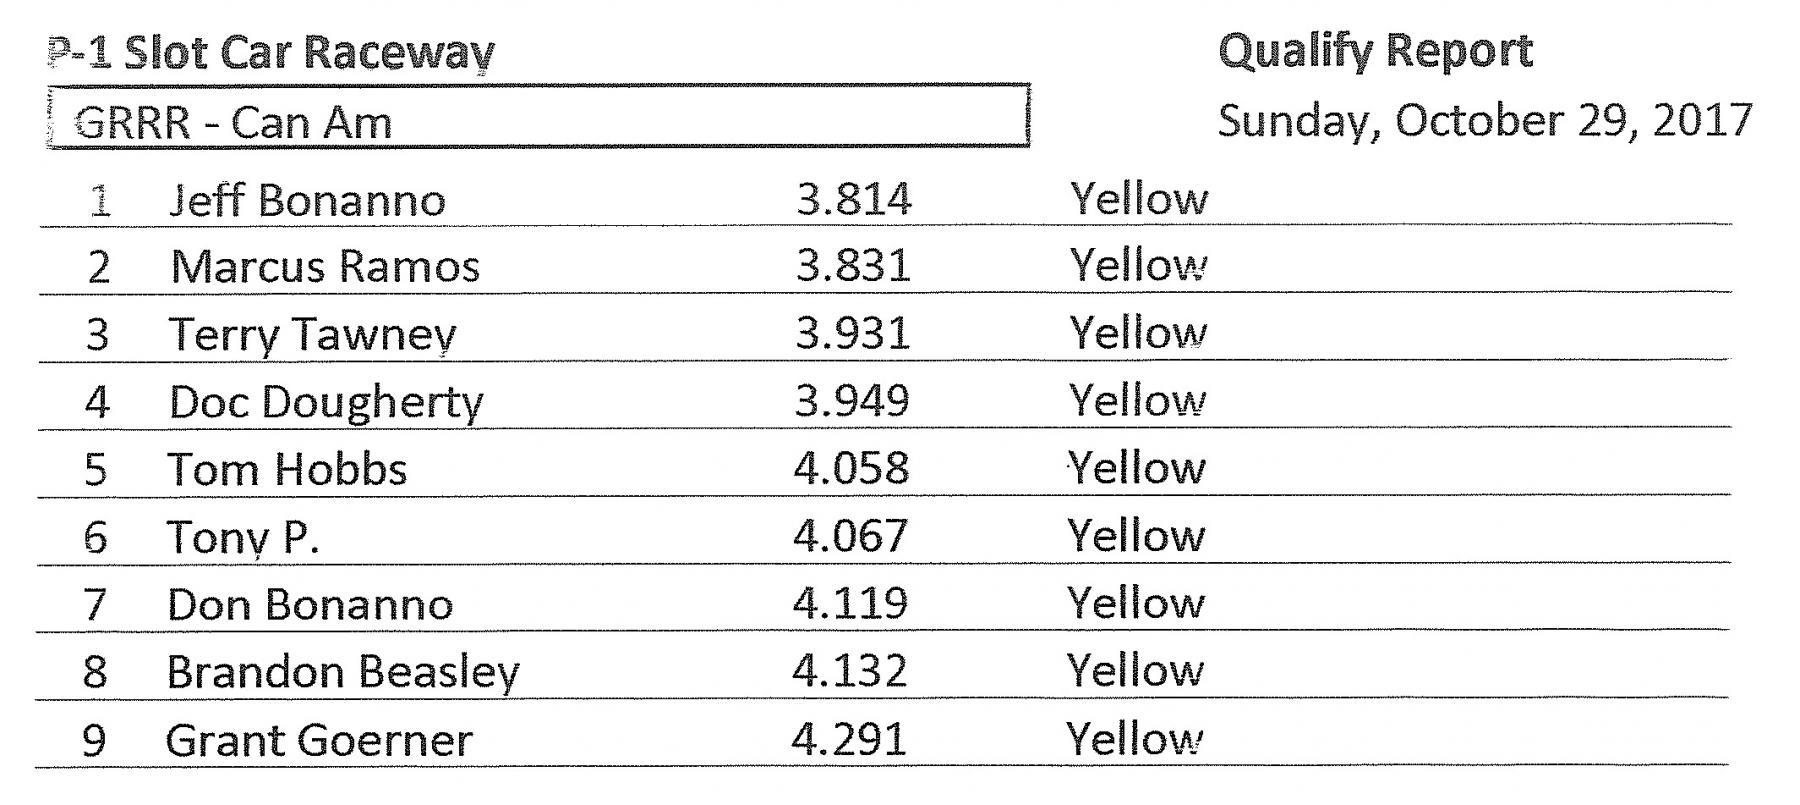 10.29.17 - GRRR - P1 Raceway - CanAm Qualifying.jpg